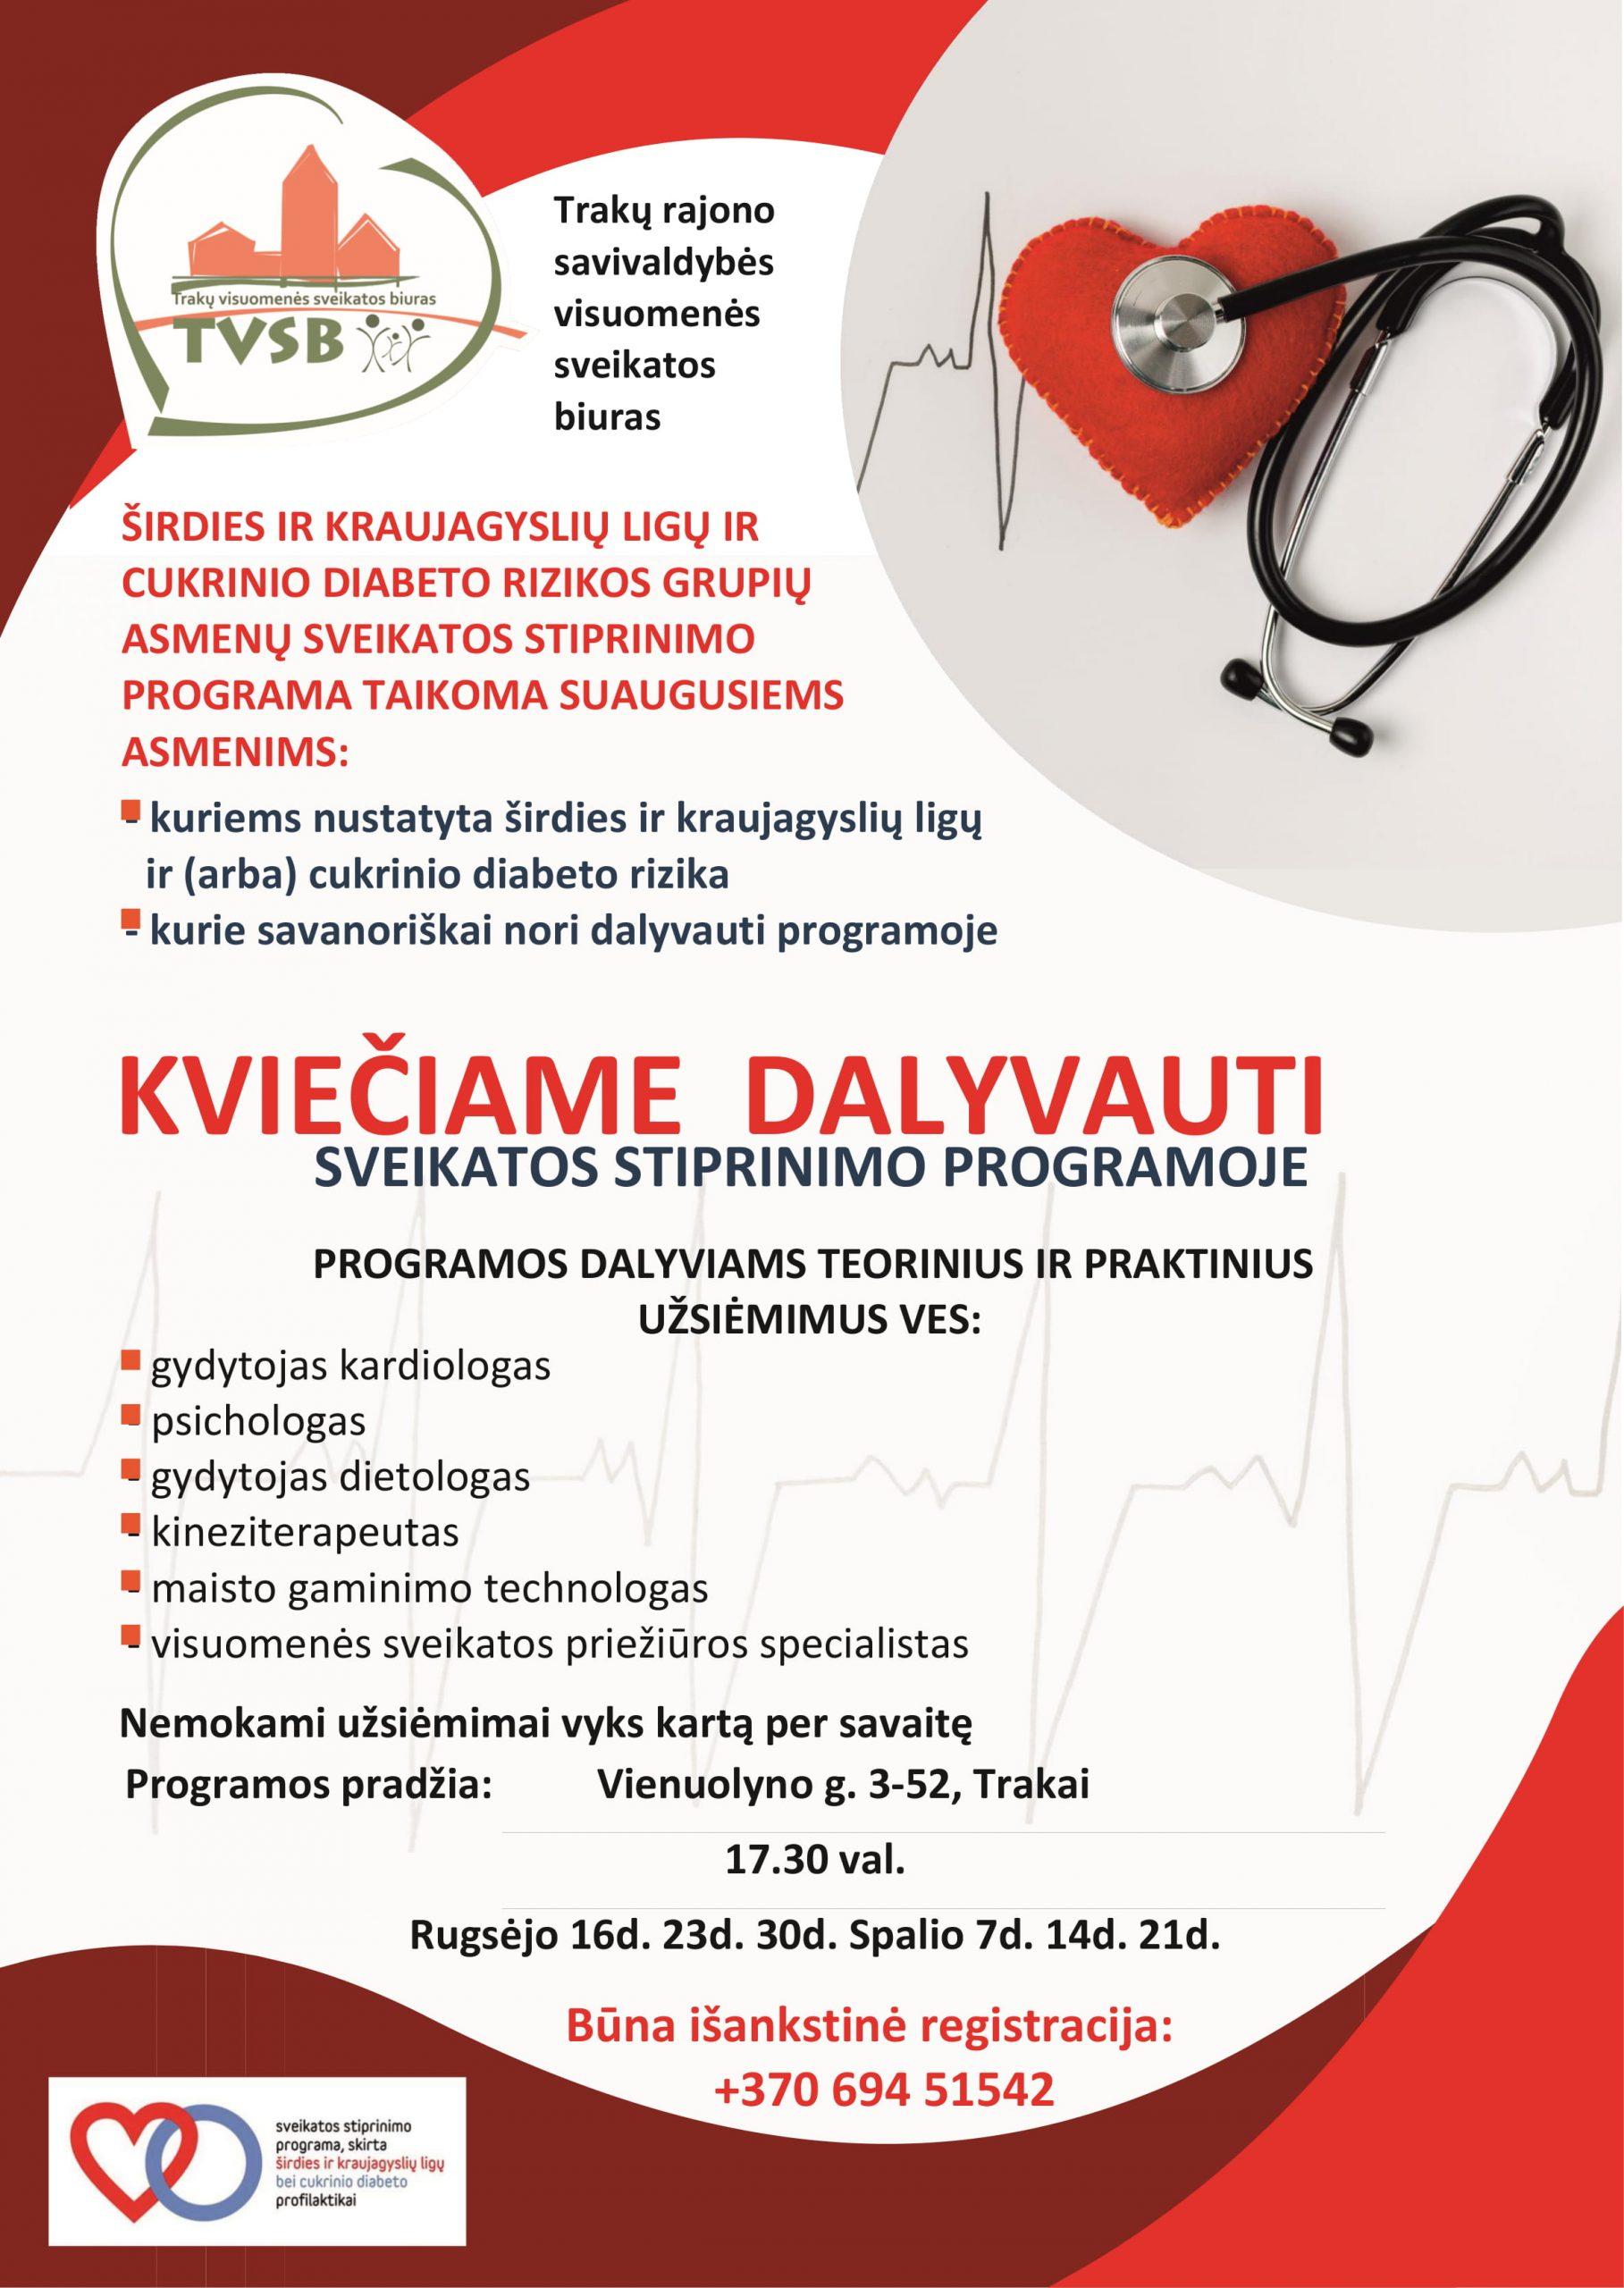 prevencinės širdies sveikatos priemonės kas yra 2 laipsnio hipertenzija 3 rizikos laipsnis